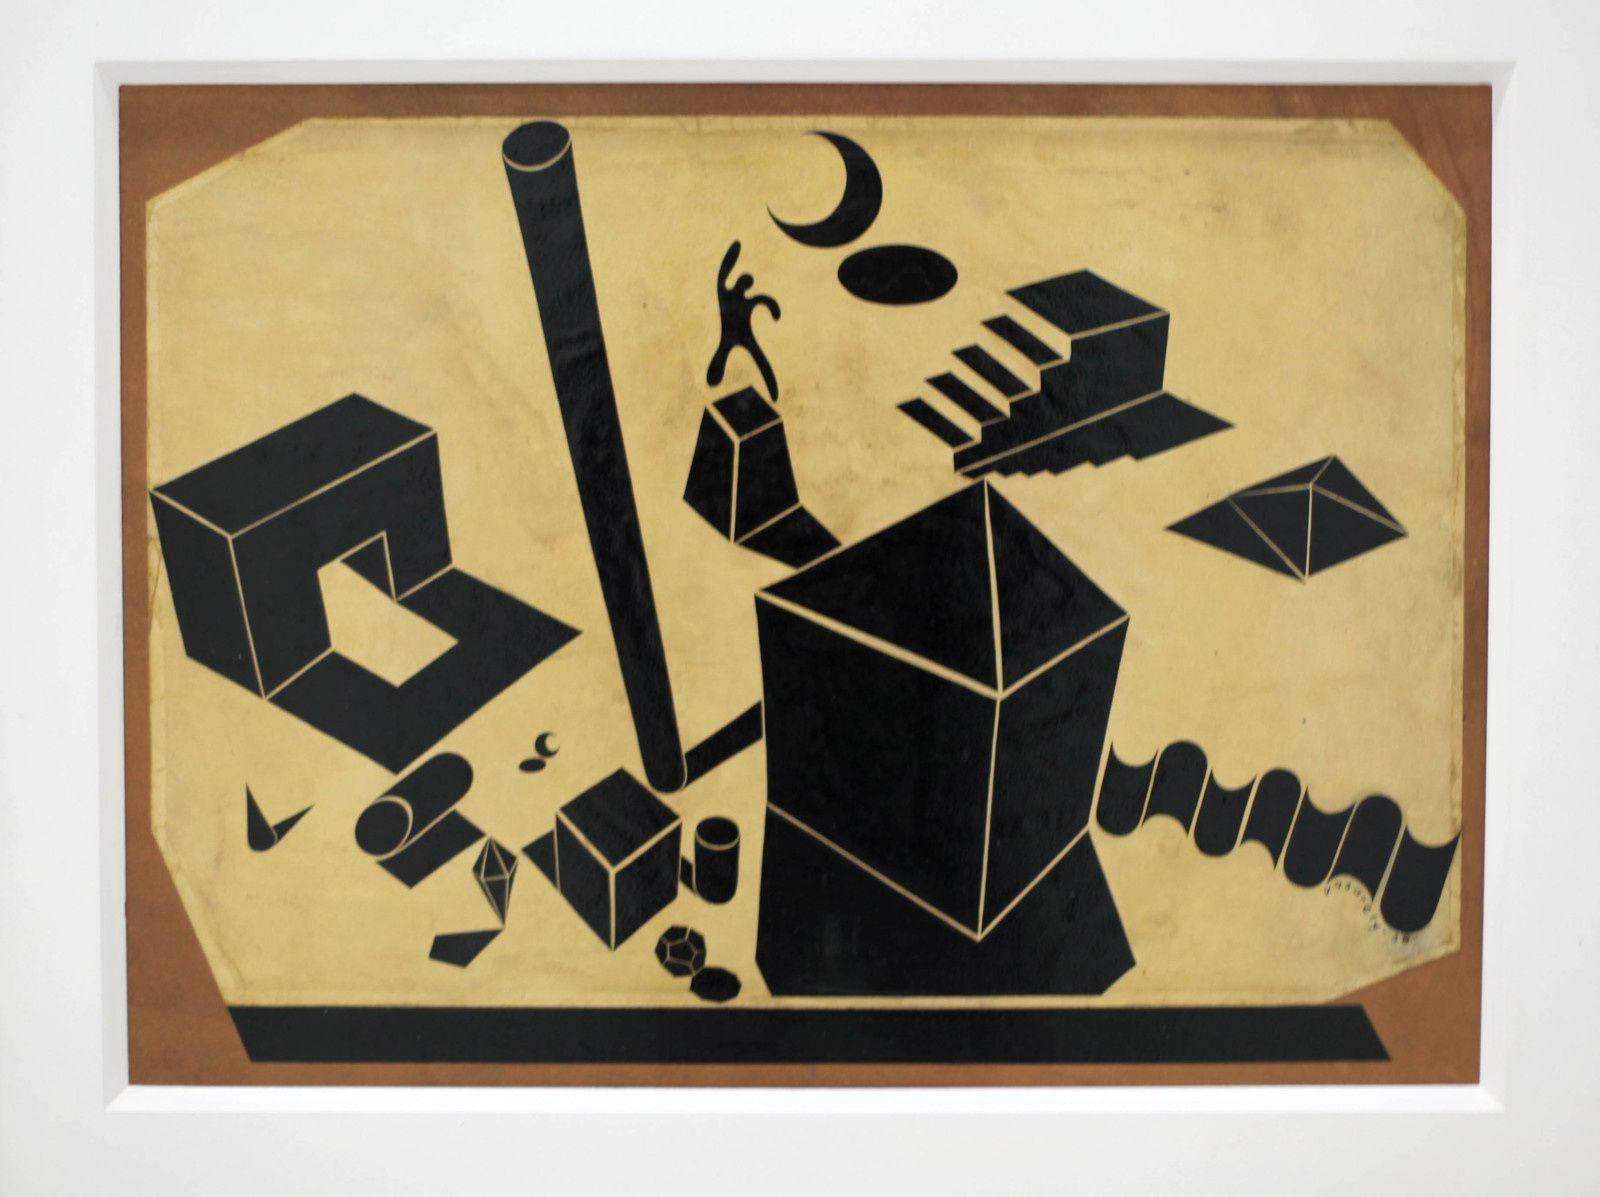 """""""Étude tridimensionnelle"""", 1938 de Victor VASARELY - Courtesy à la Fondation Vasarely, Aix-en-Provence © Photo Éric Simon"""